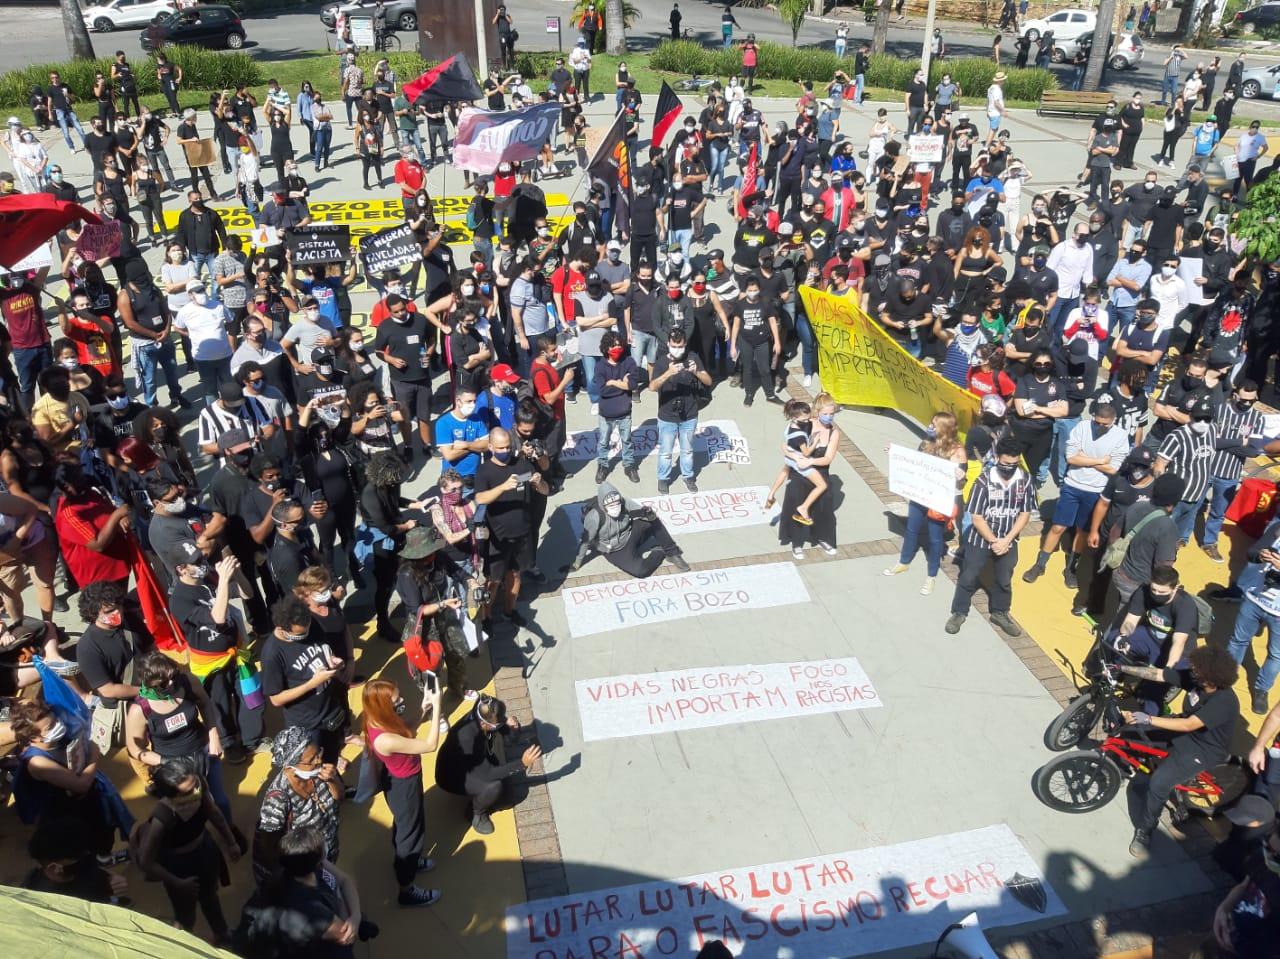 Concentração da manifestação em Belo Horizonte